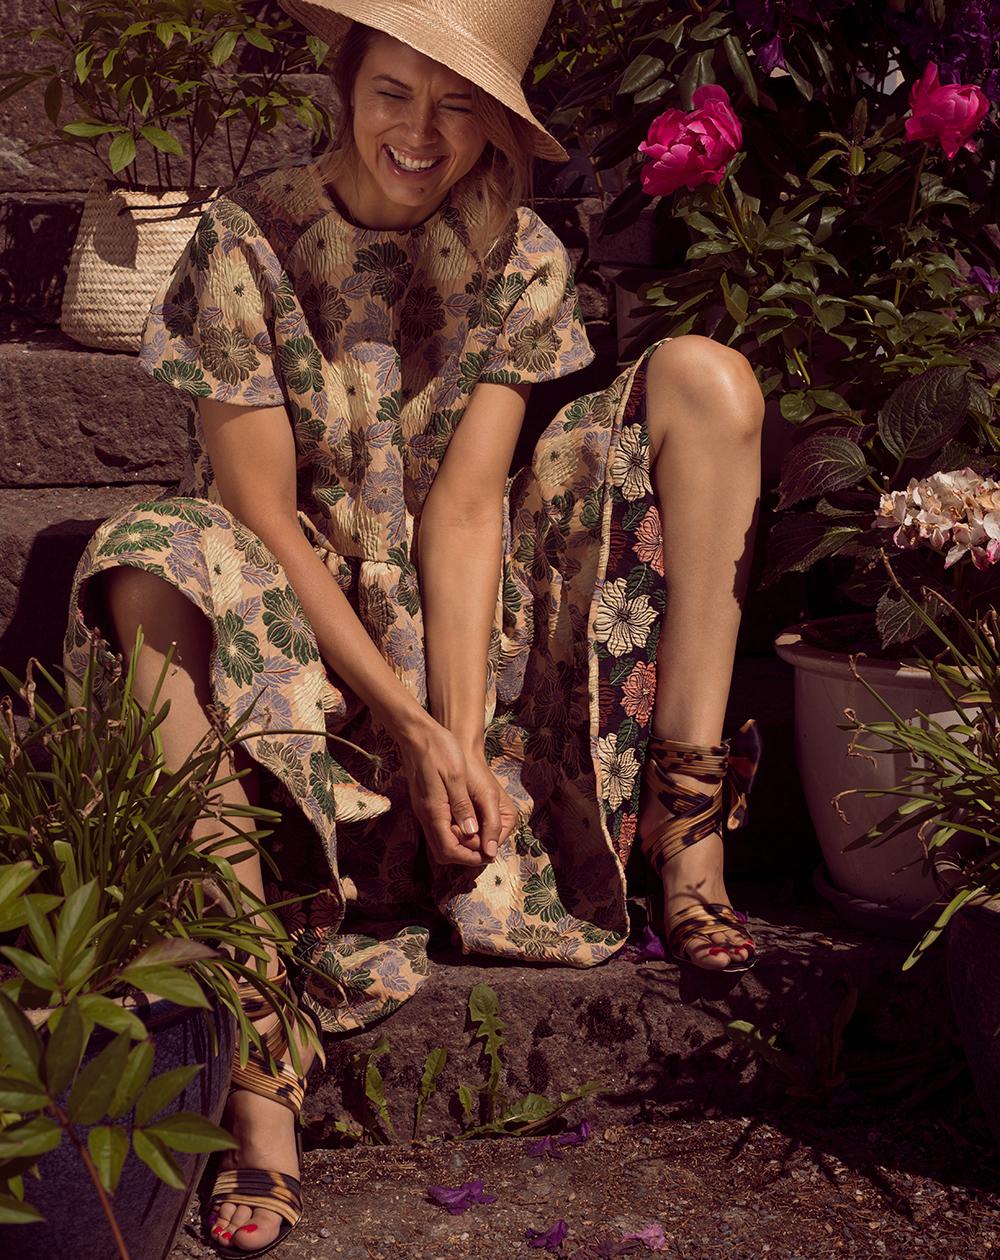 Miia Halmesmaan oversize cocktail dress 259 e,  Frank/ie .  Giuseppe Zanottin  leopardisandaalit, joissa rusetti nilkassa 880 e, Boutique Kaarina K. Olkihattu 75 e,  Lifestyle .